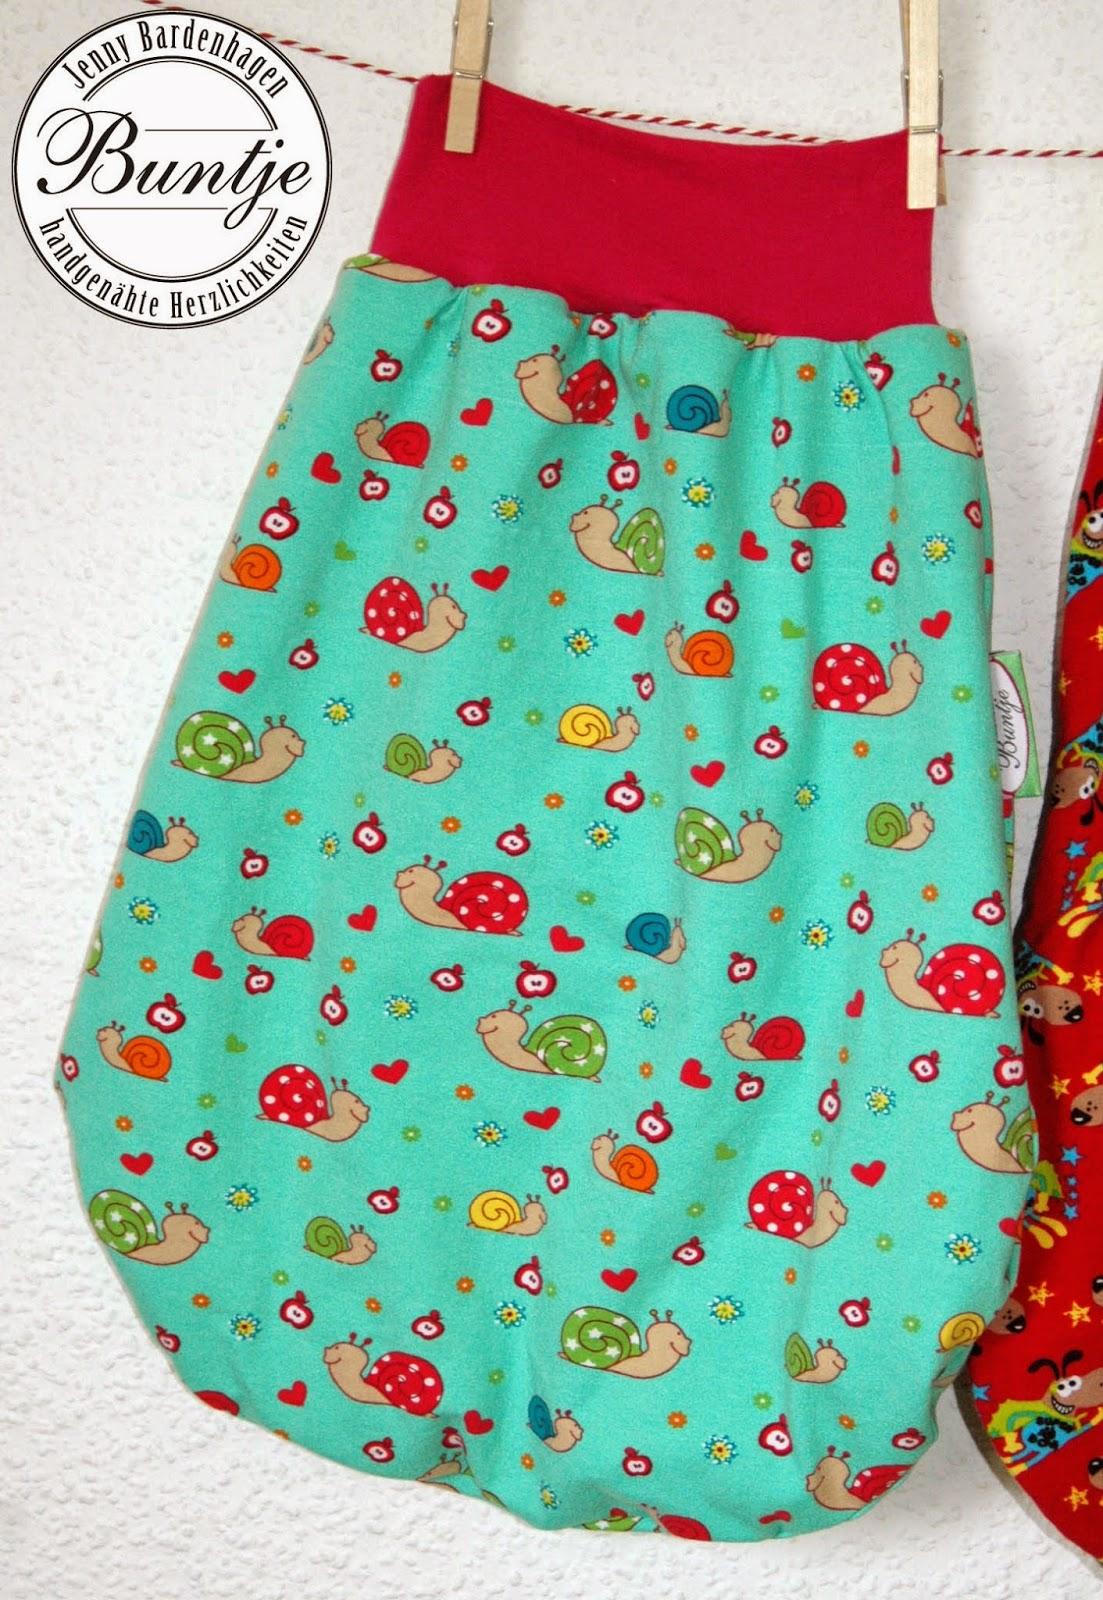 Pucksack Kuschelsack Strampelsack Baby Geschenk Geburt Taufe Baumwolle gefüttert Farbenmix Jersey handmade nähen Buntje individuell Mädchen mint pink Schnecken Tiere